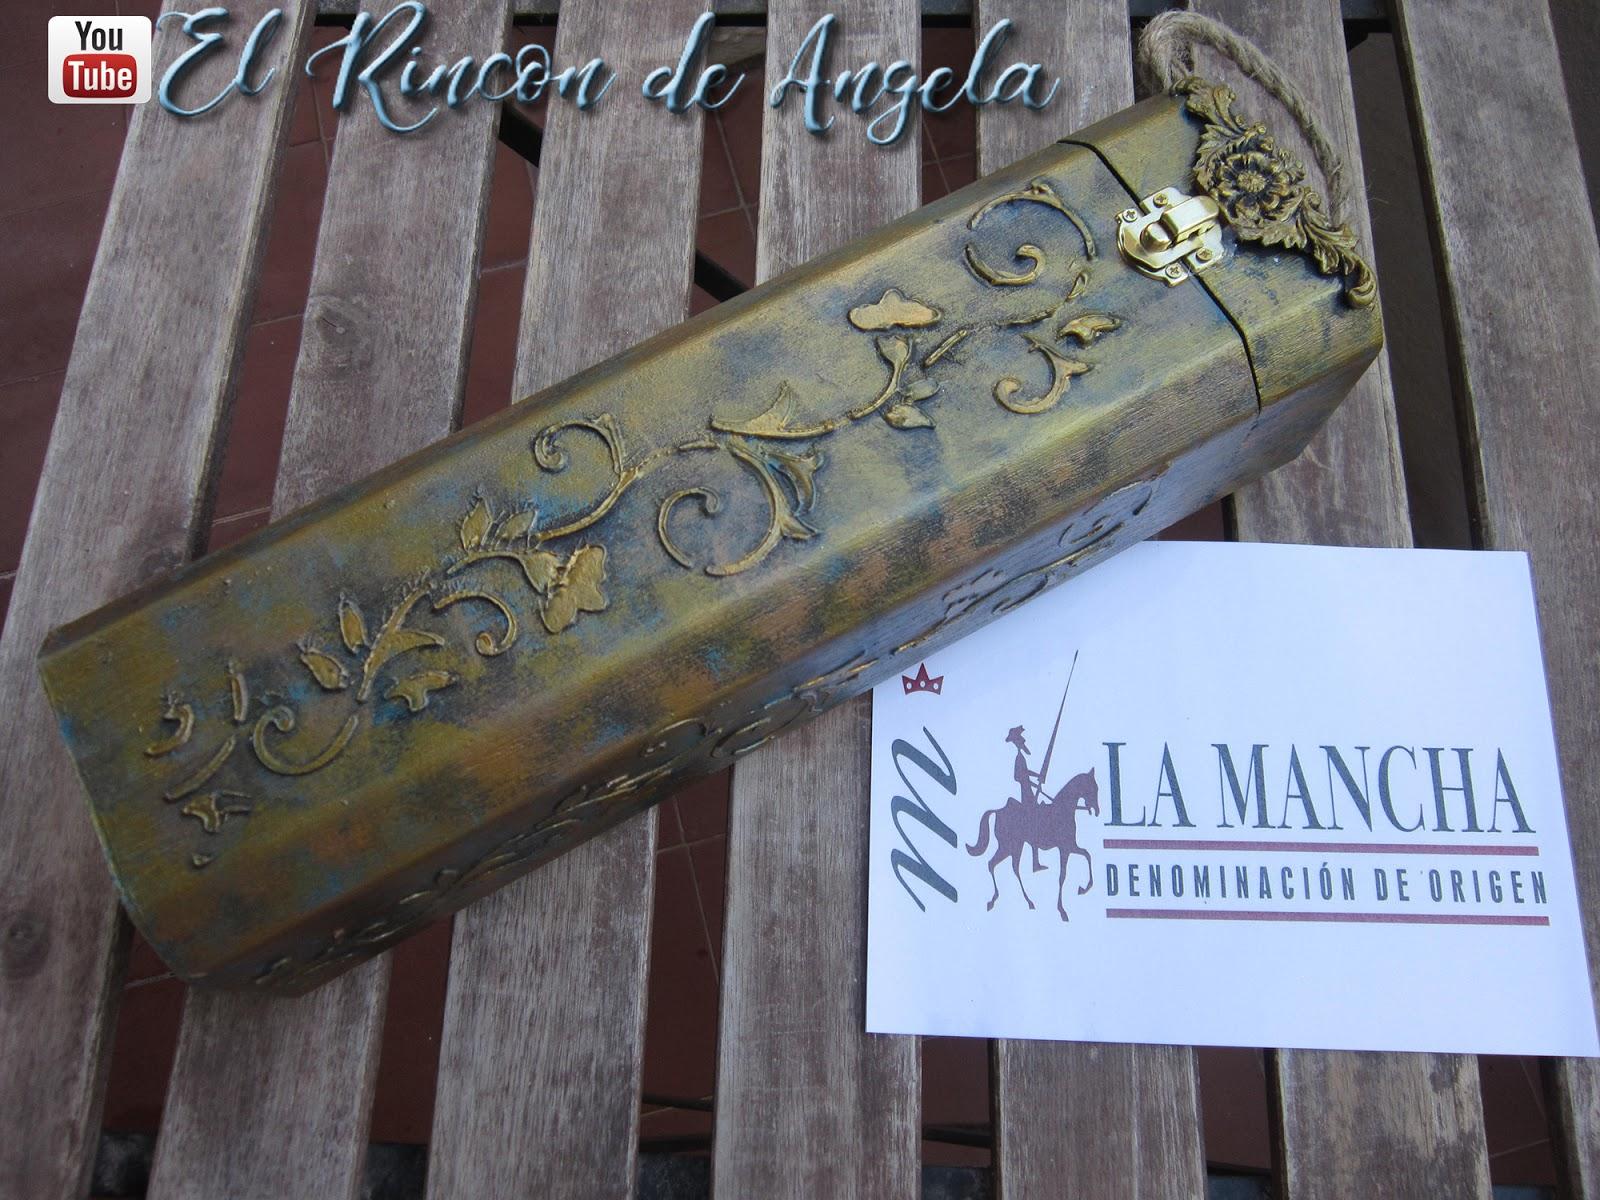 El rincon de angela caja de madera para vino decorada - El rincon azul de angela ...